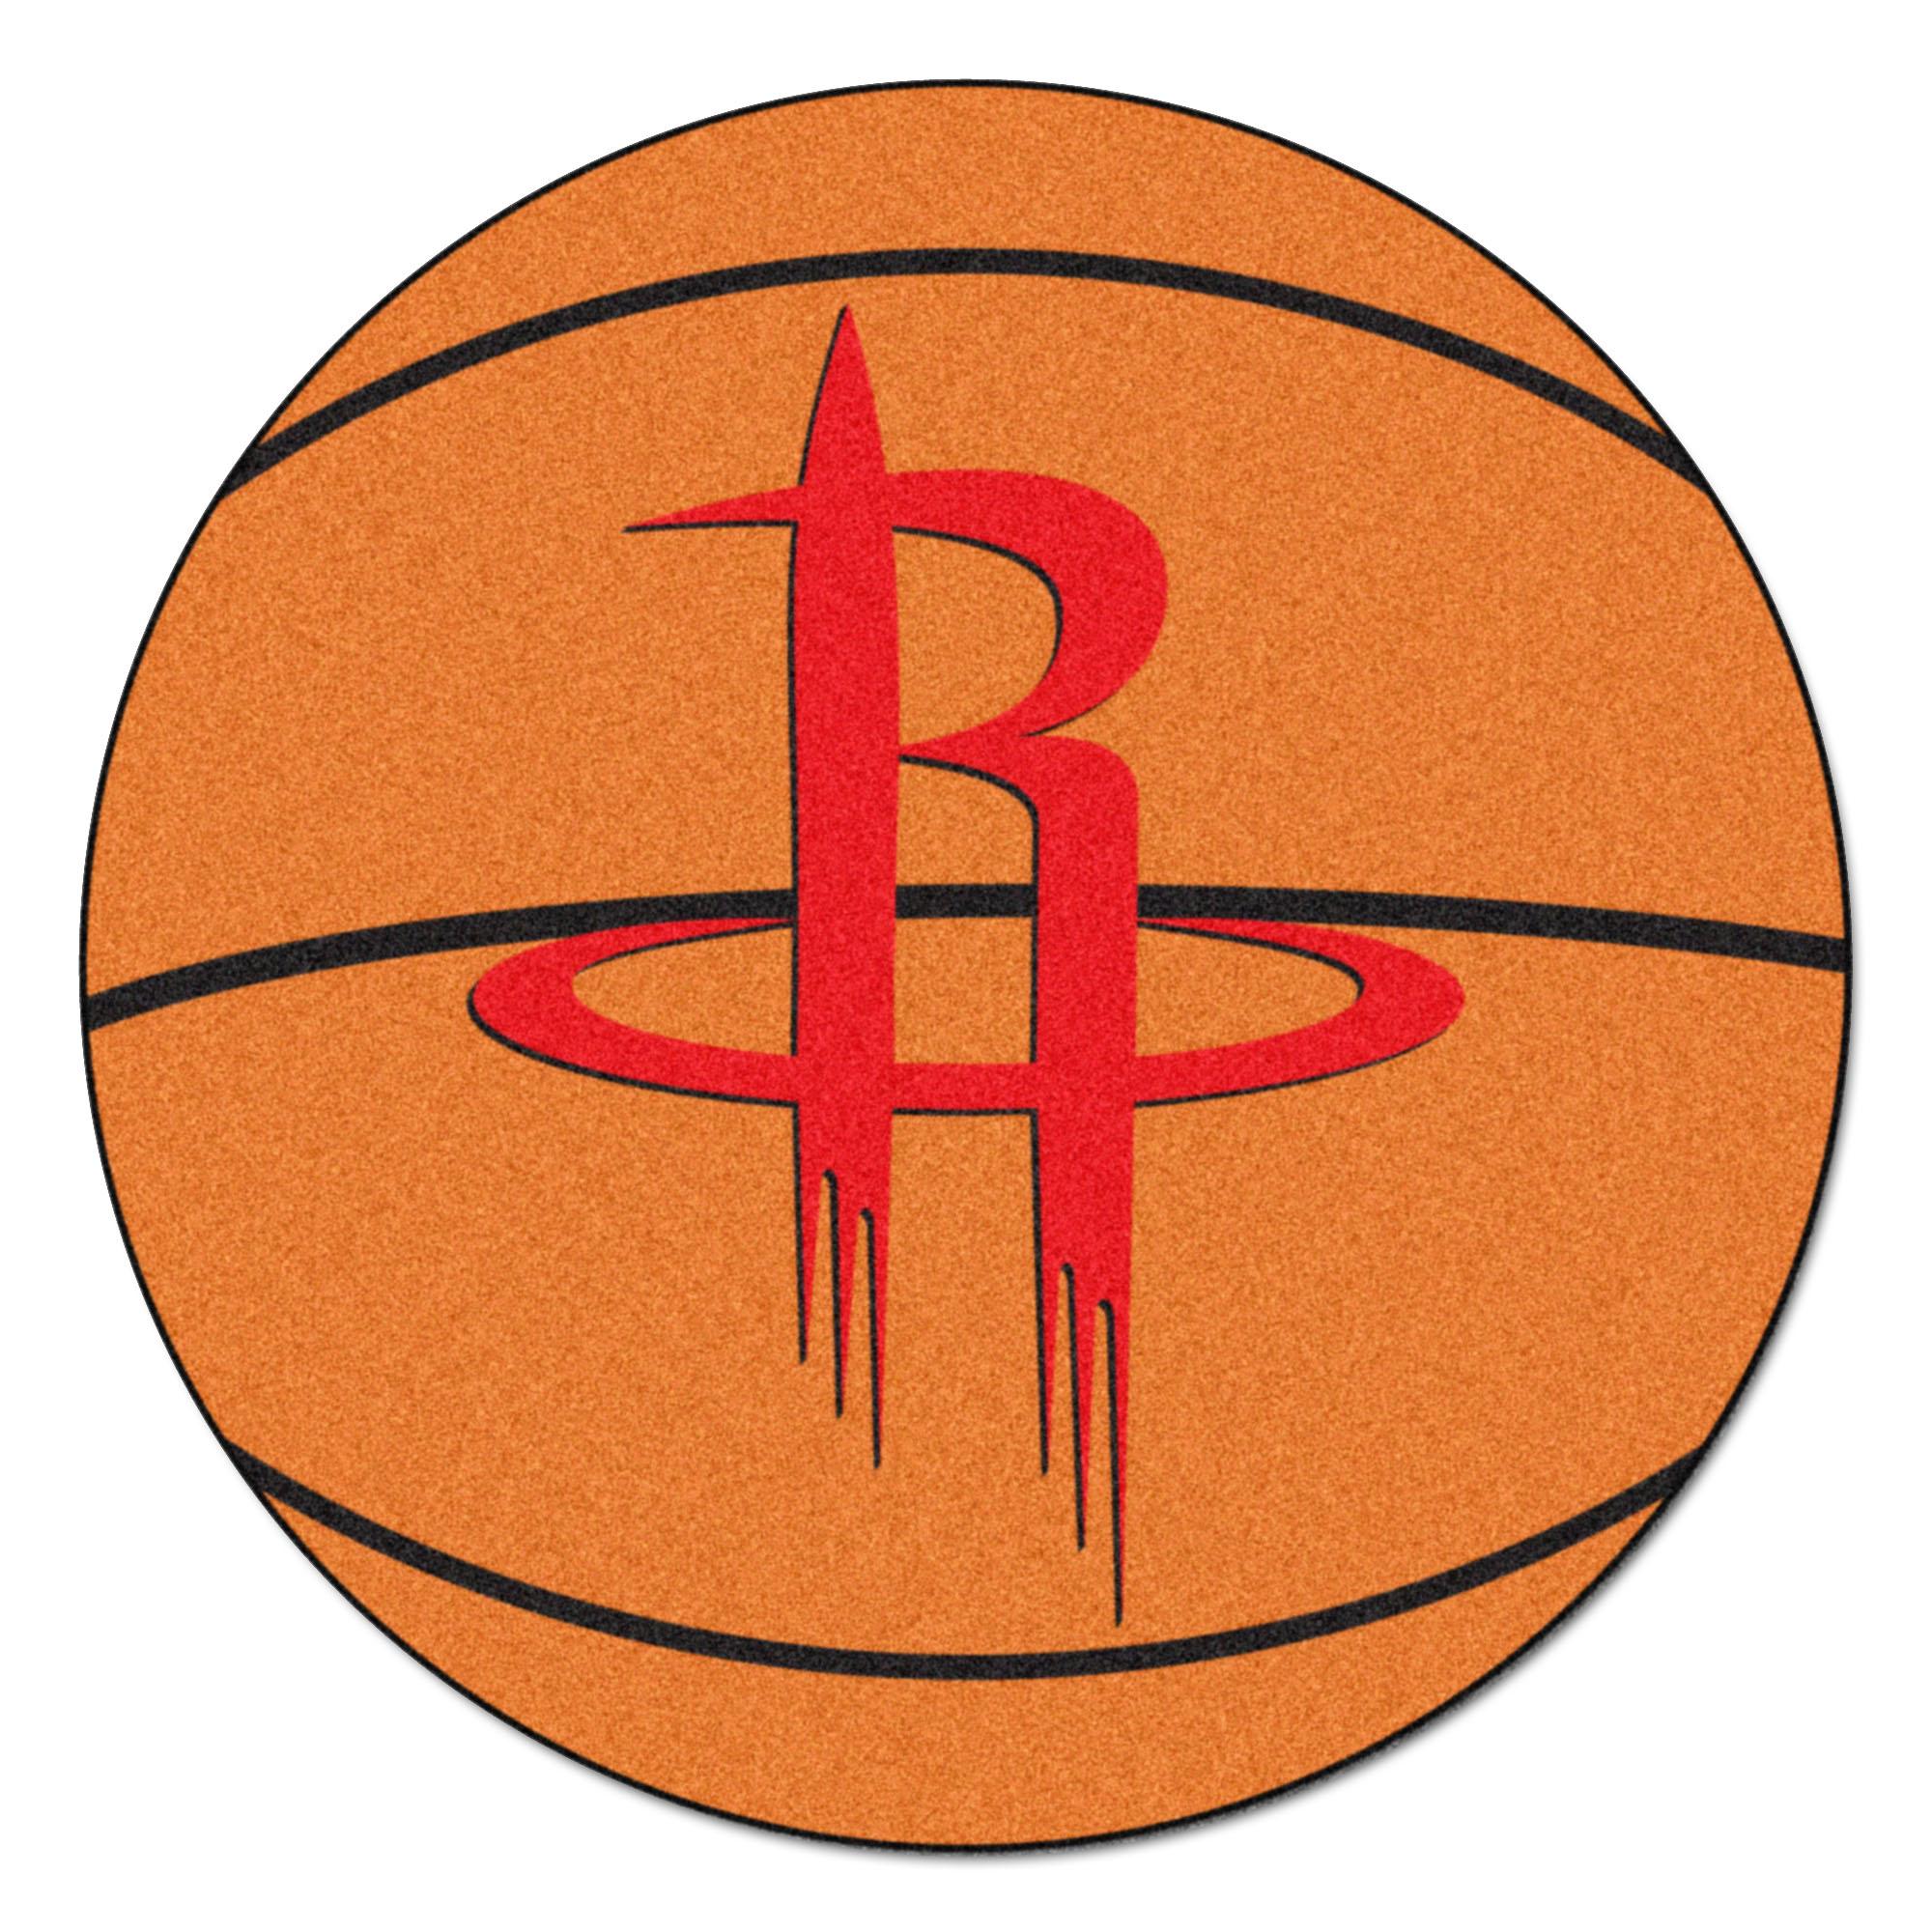 NBA Houston Rockets Basketball Shaped Mat Area Rug